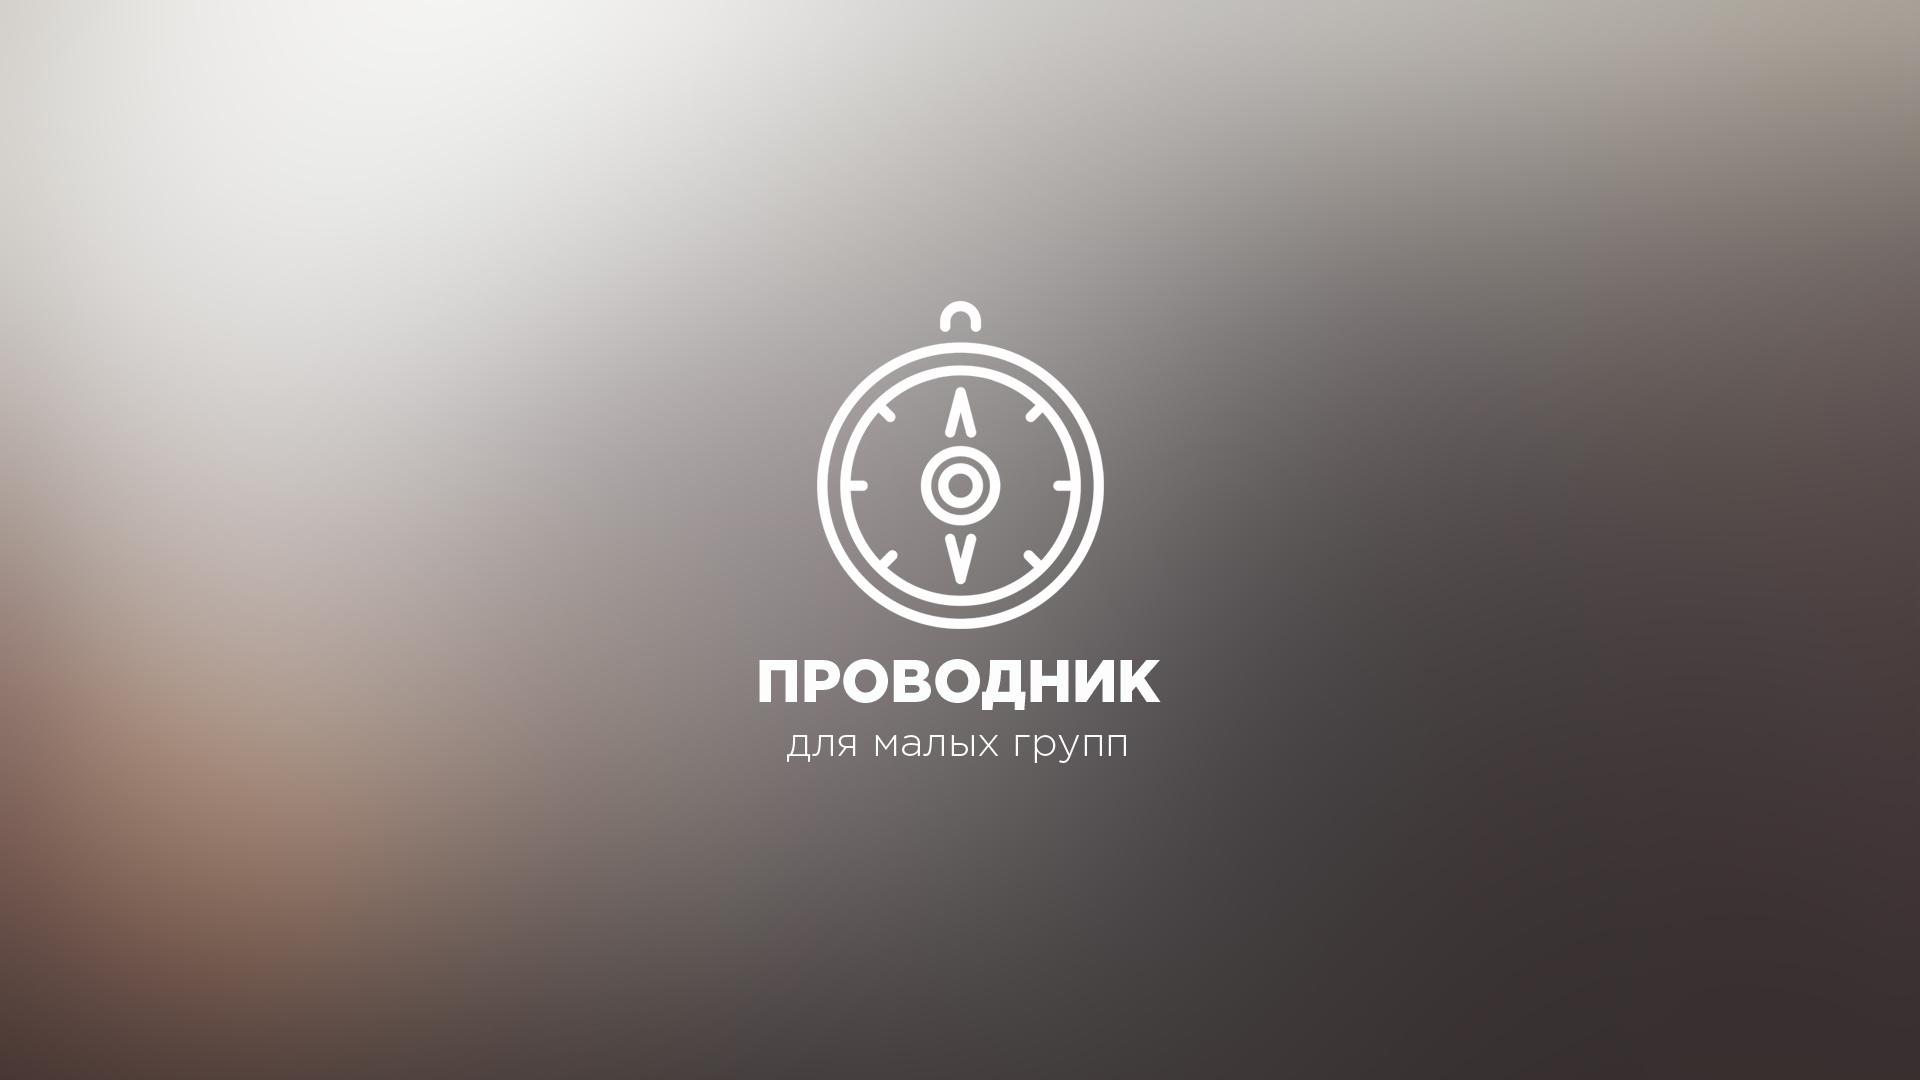 02 Баннер Проводник